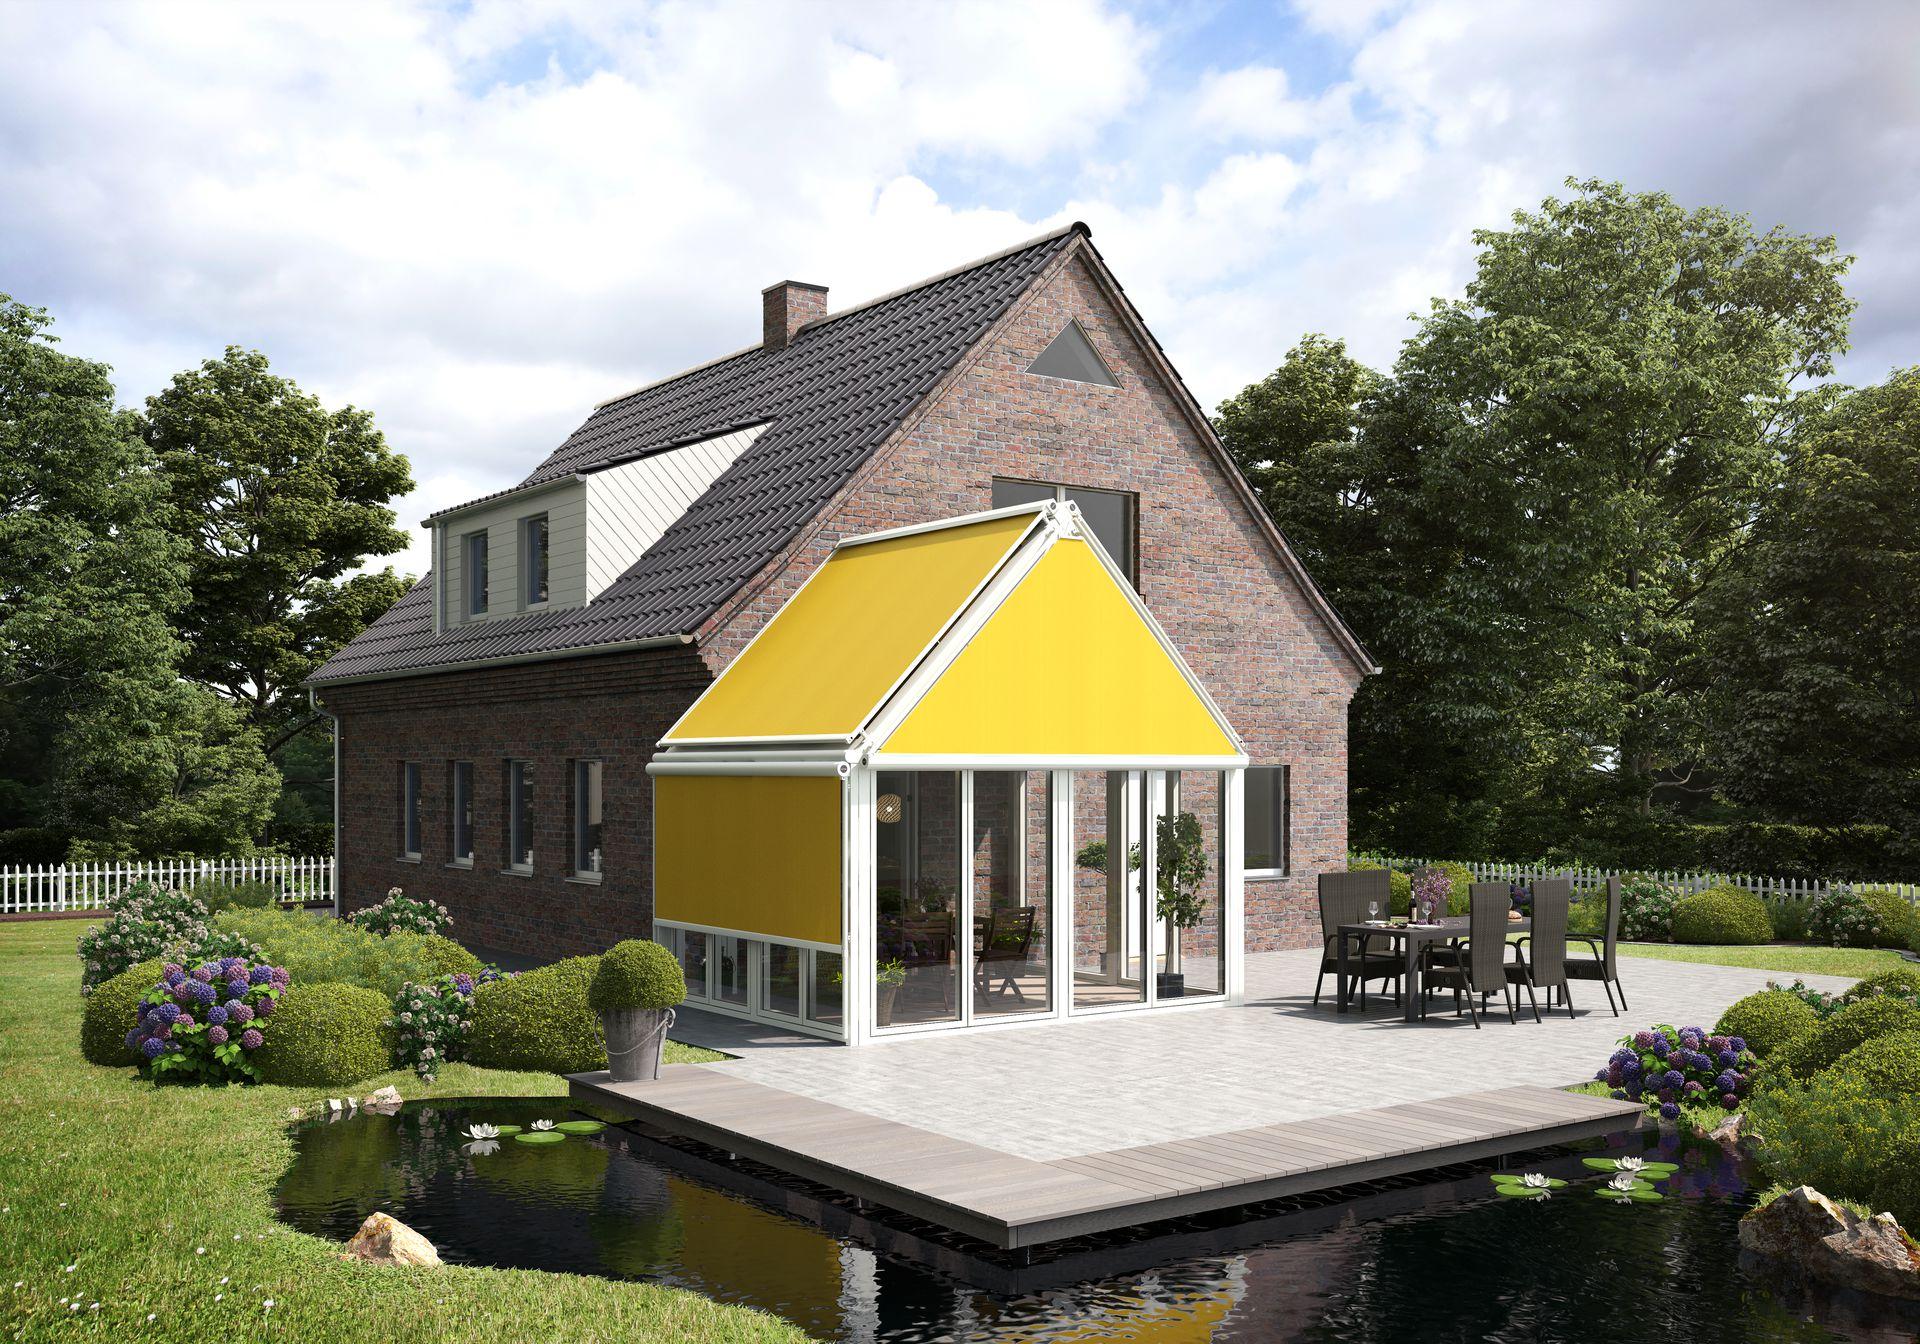 48748_893-Imagebild Bauernhaus mit WiGa-201701_large.jpg